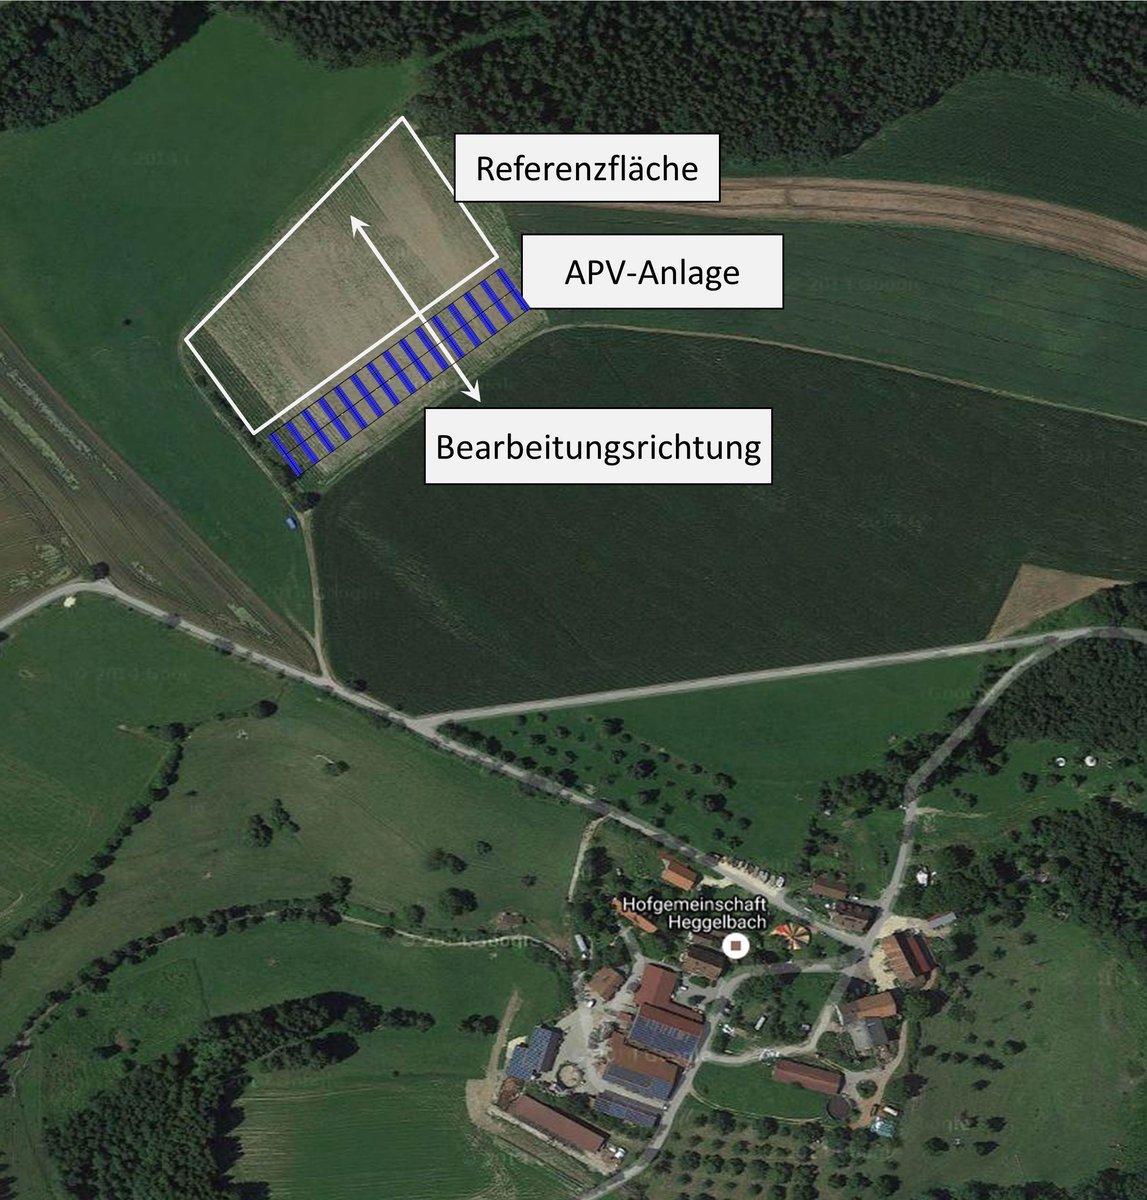 Die Versuchsfläche umfasst eine Grundfläche von etwa 2,5 Hektar, ein drittel Hektar wird von der APV-Forschungsanlage belegt, die restliche Fläche dient als Referenzfläche zum Vergleich der Ackererträge.